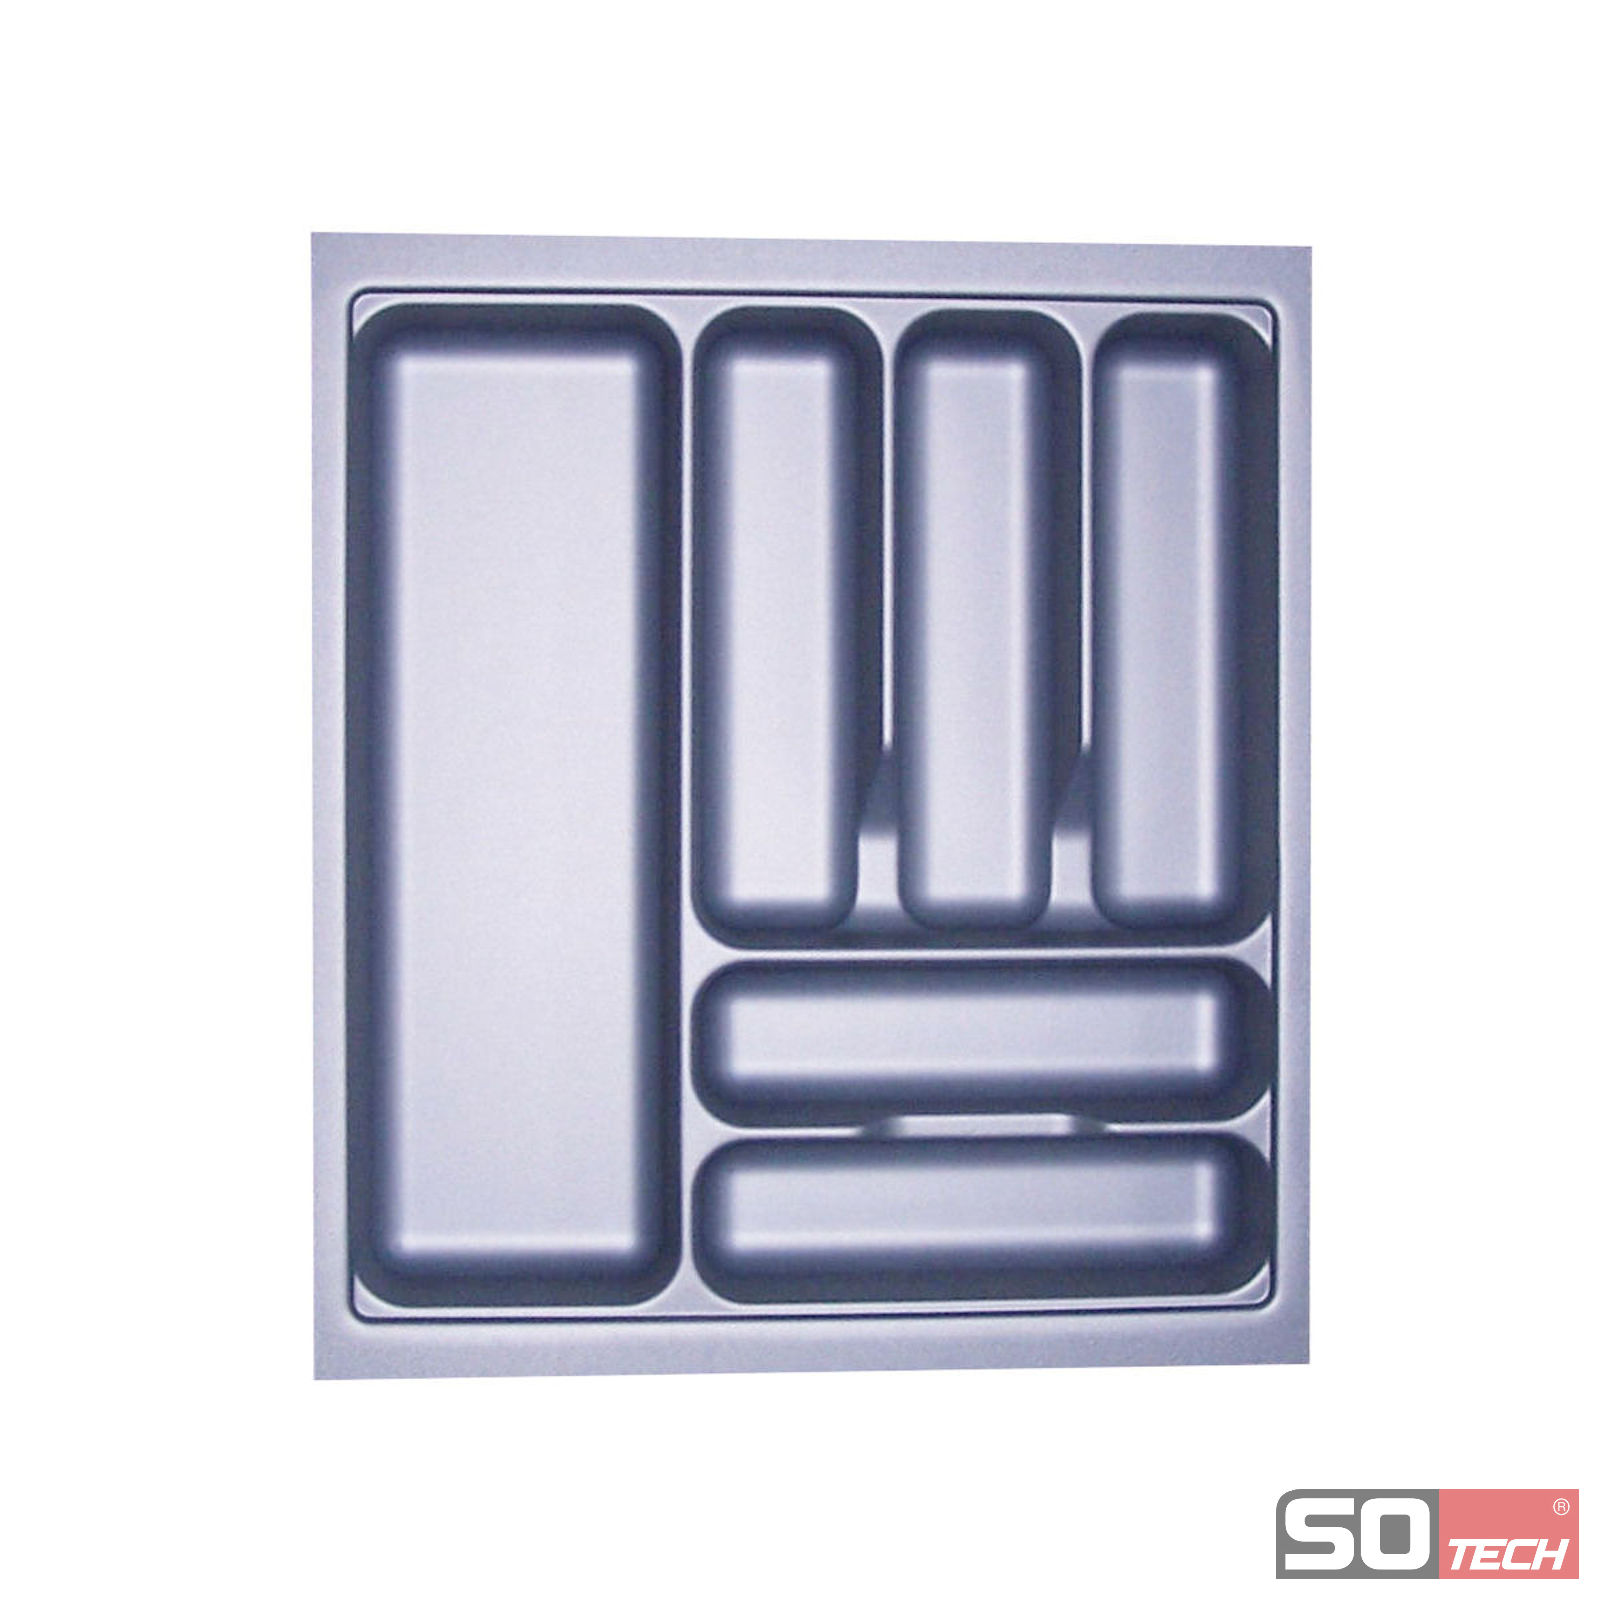 besteckeinsatz orga box f r 50cm schublade besteckkasten schubladenteiler ebay. Black Bedroom Furniture Sets. Home Design Ideas